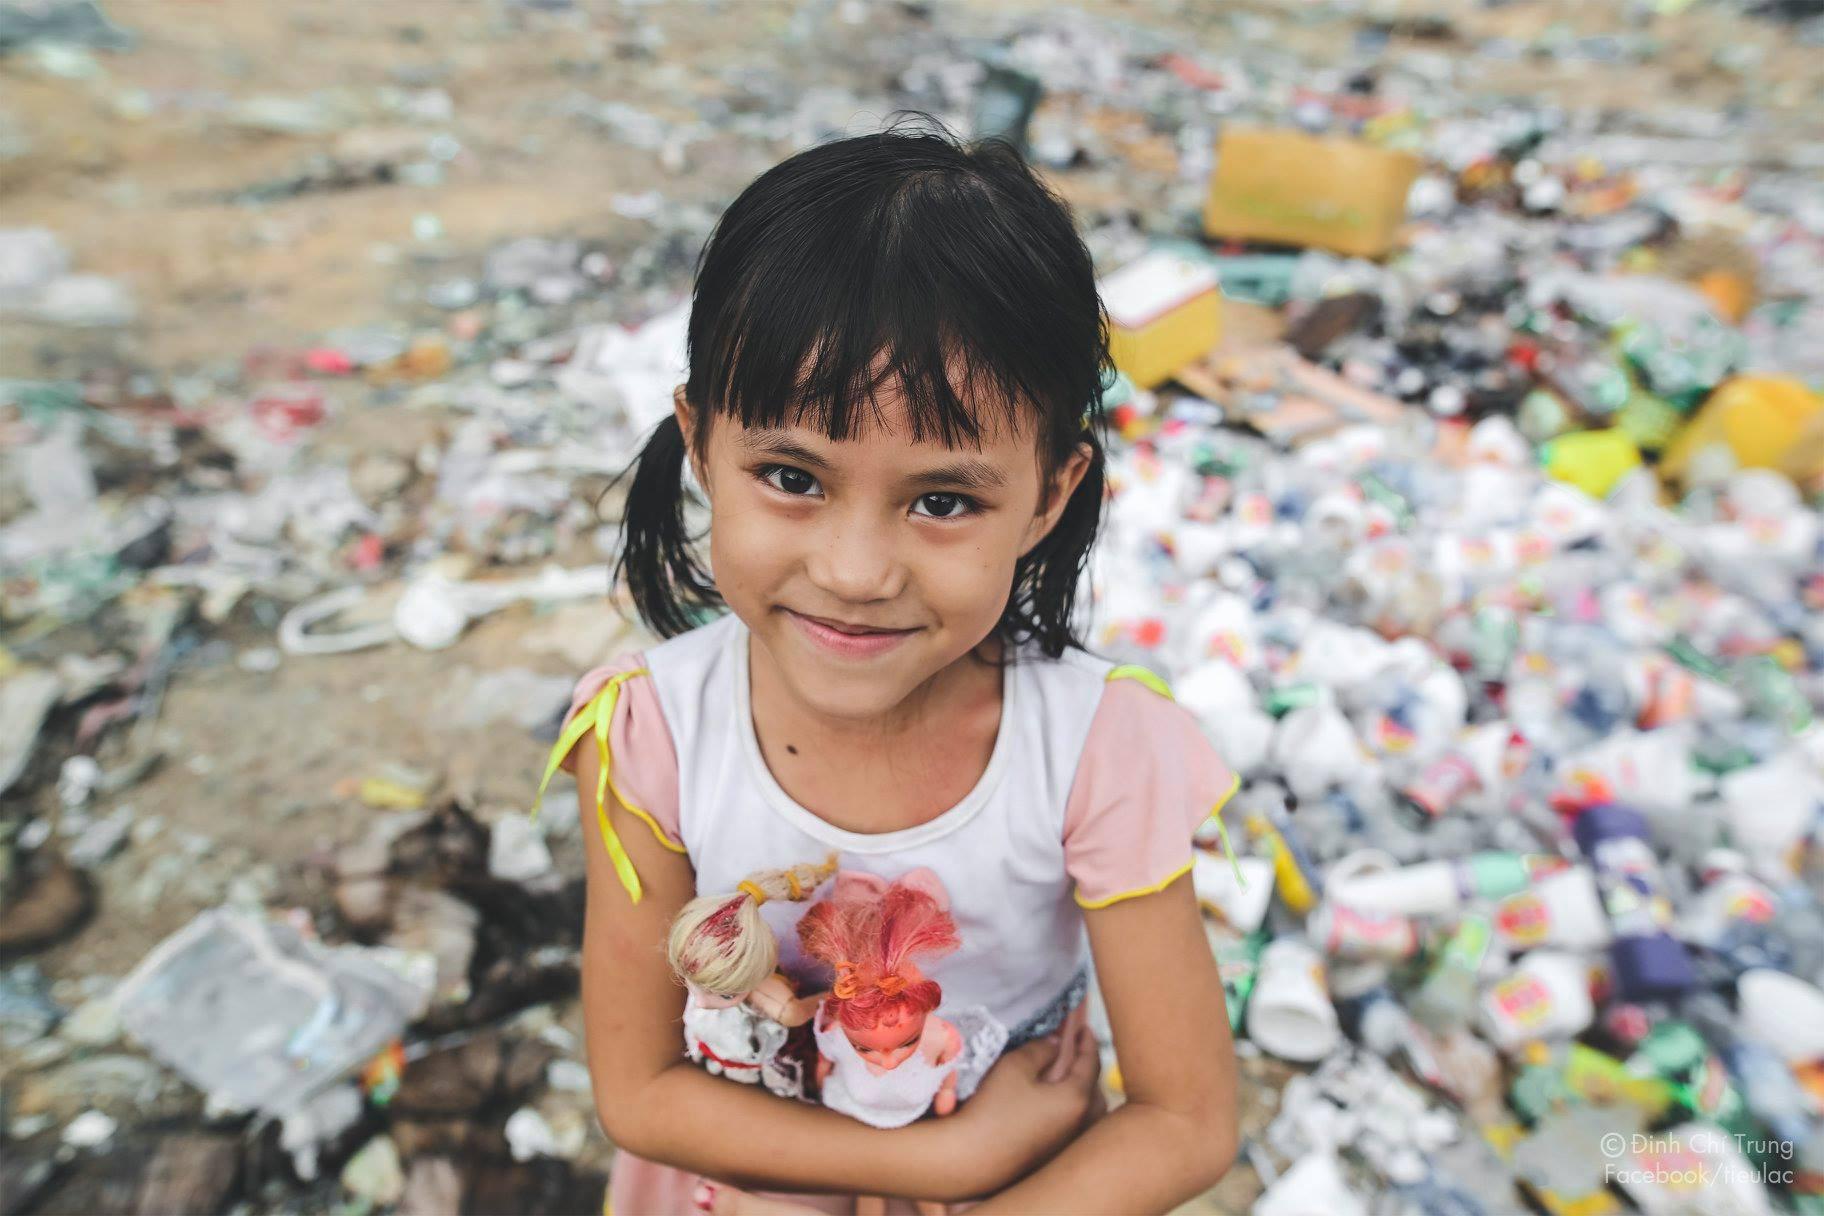 Chuyện của cô bé 9 tuổi sống ở bãi rác Phú Quốc và chàng kỹ sư nông nghiệp đi khắp đất nước kể chuyện trẻ thơ - Ảnh 2.